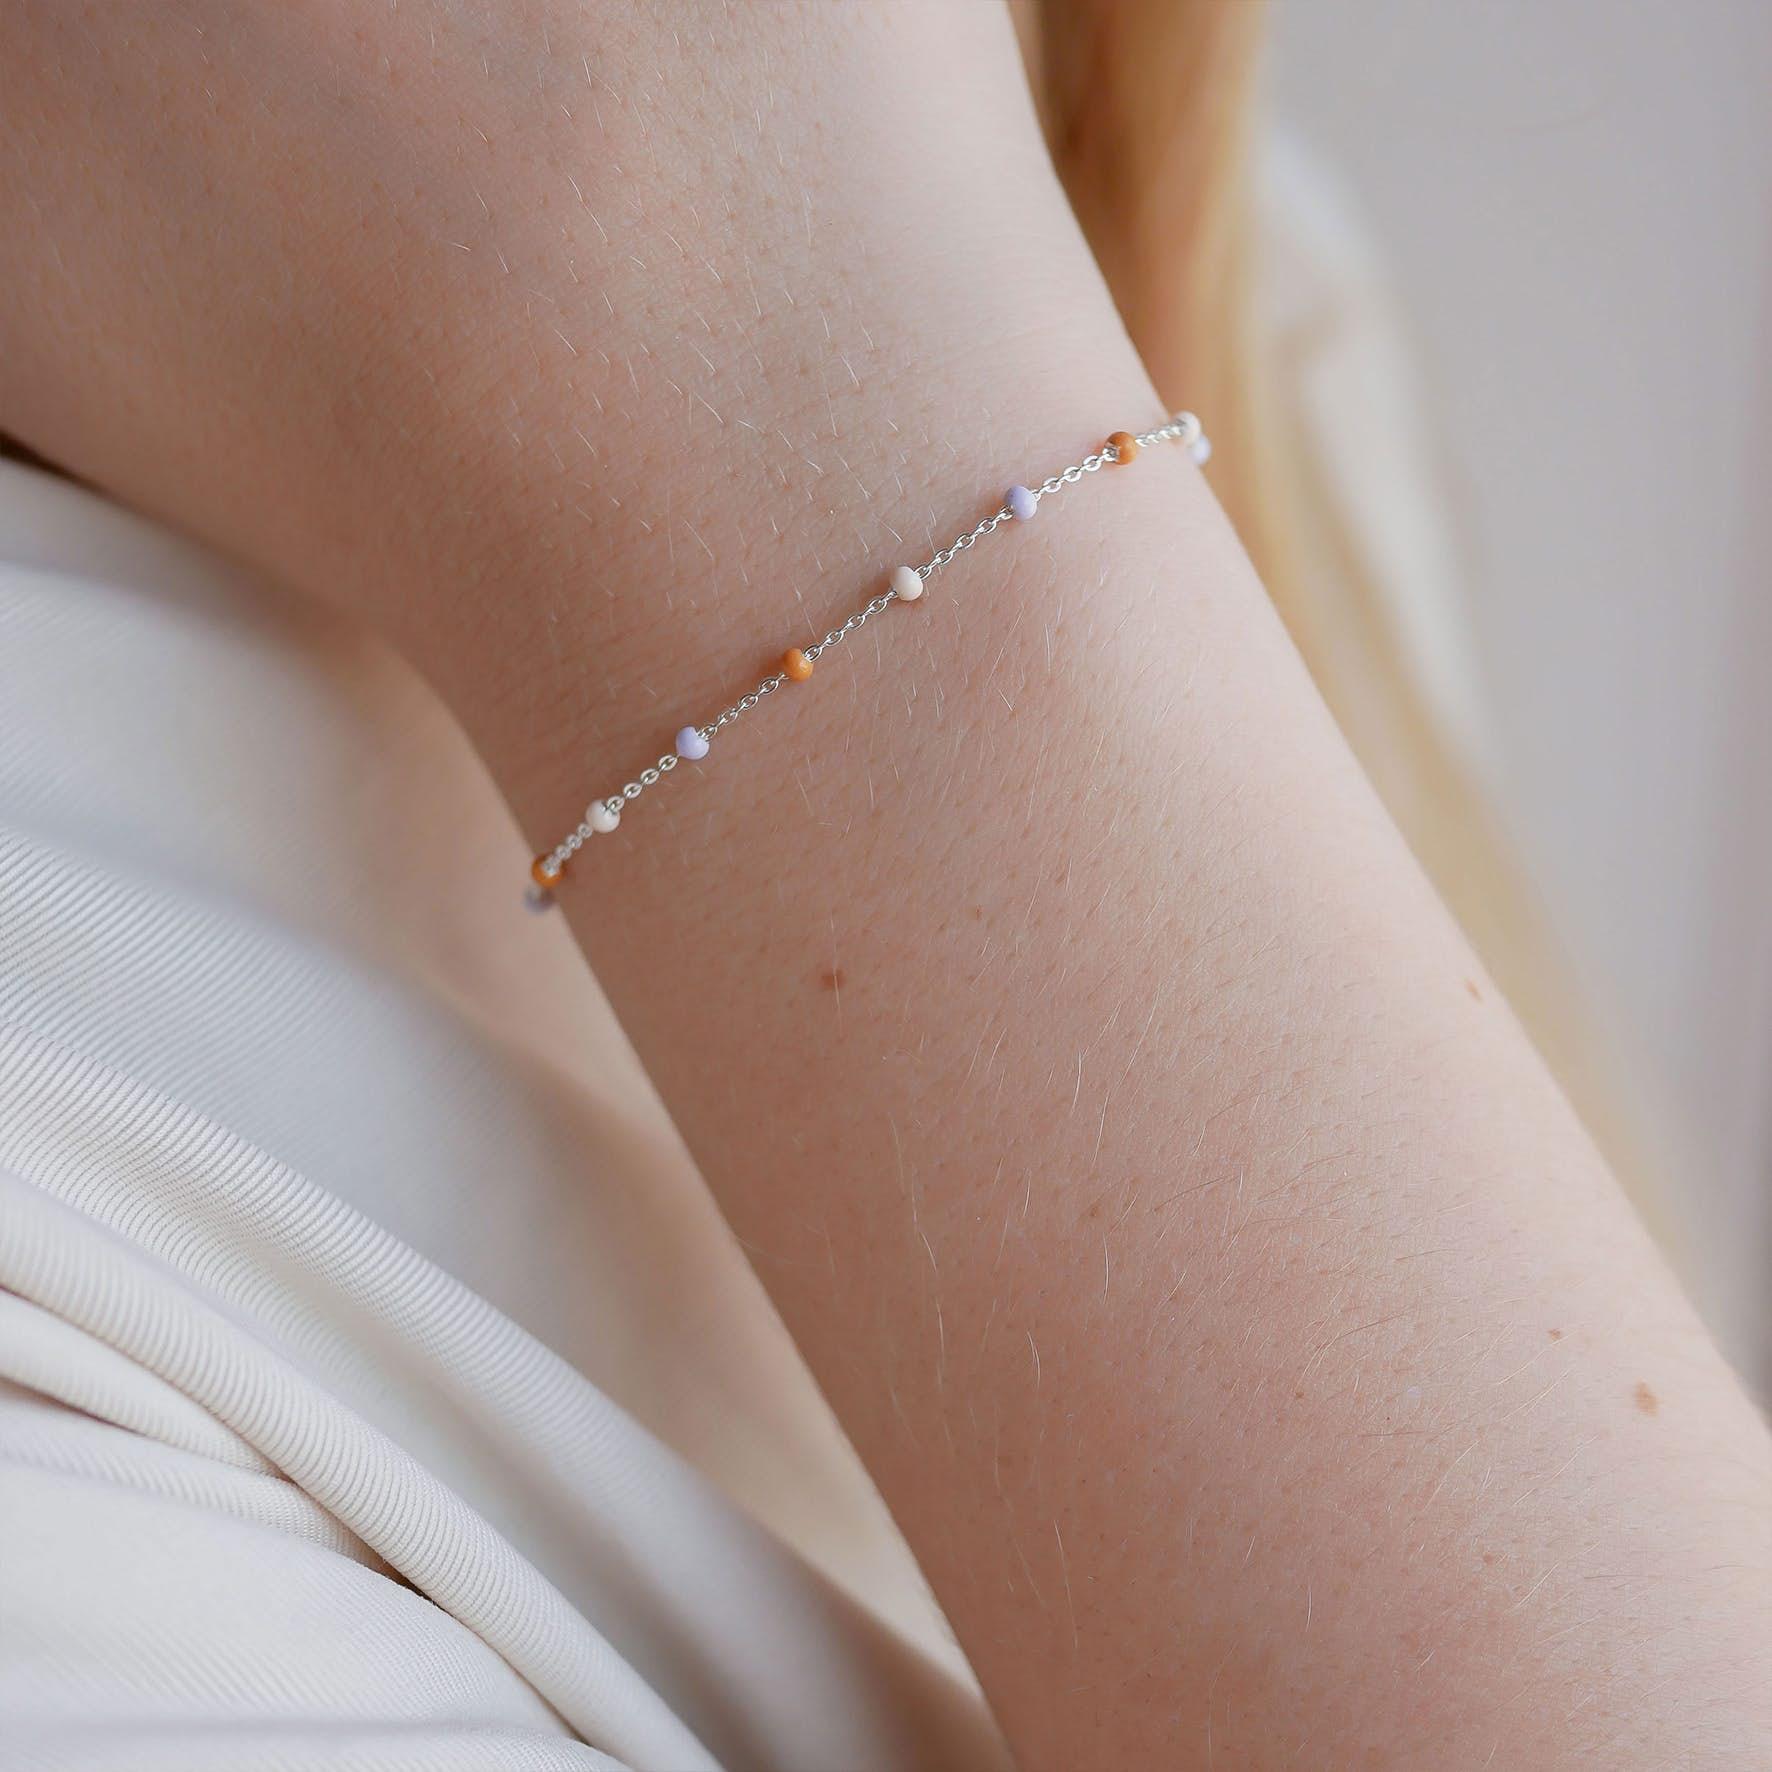 Lola Bracelet Heavenly von Enamel Copenhagen in Silber Sterling 925